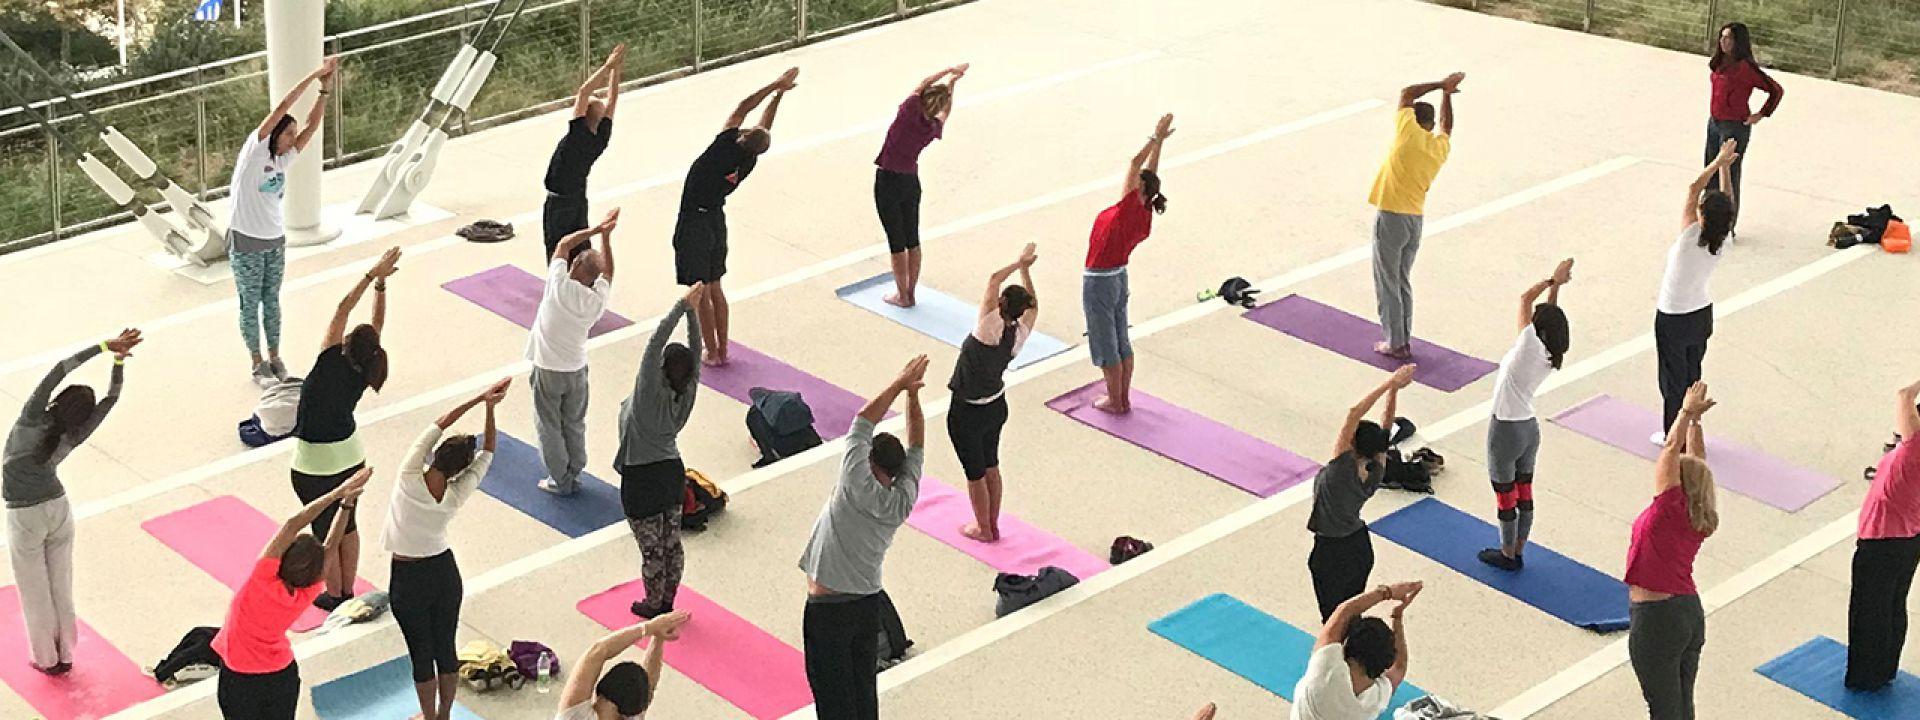 Φωτογραφία από μάθημα yoga στα Πανοραμικά Σκαλιά του ΚΠΙΣΝ